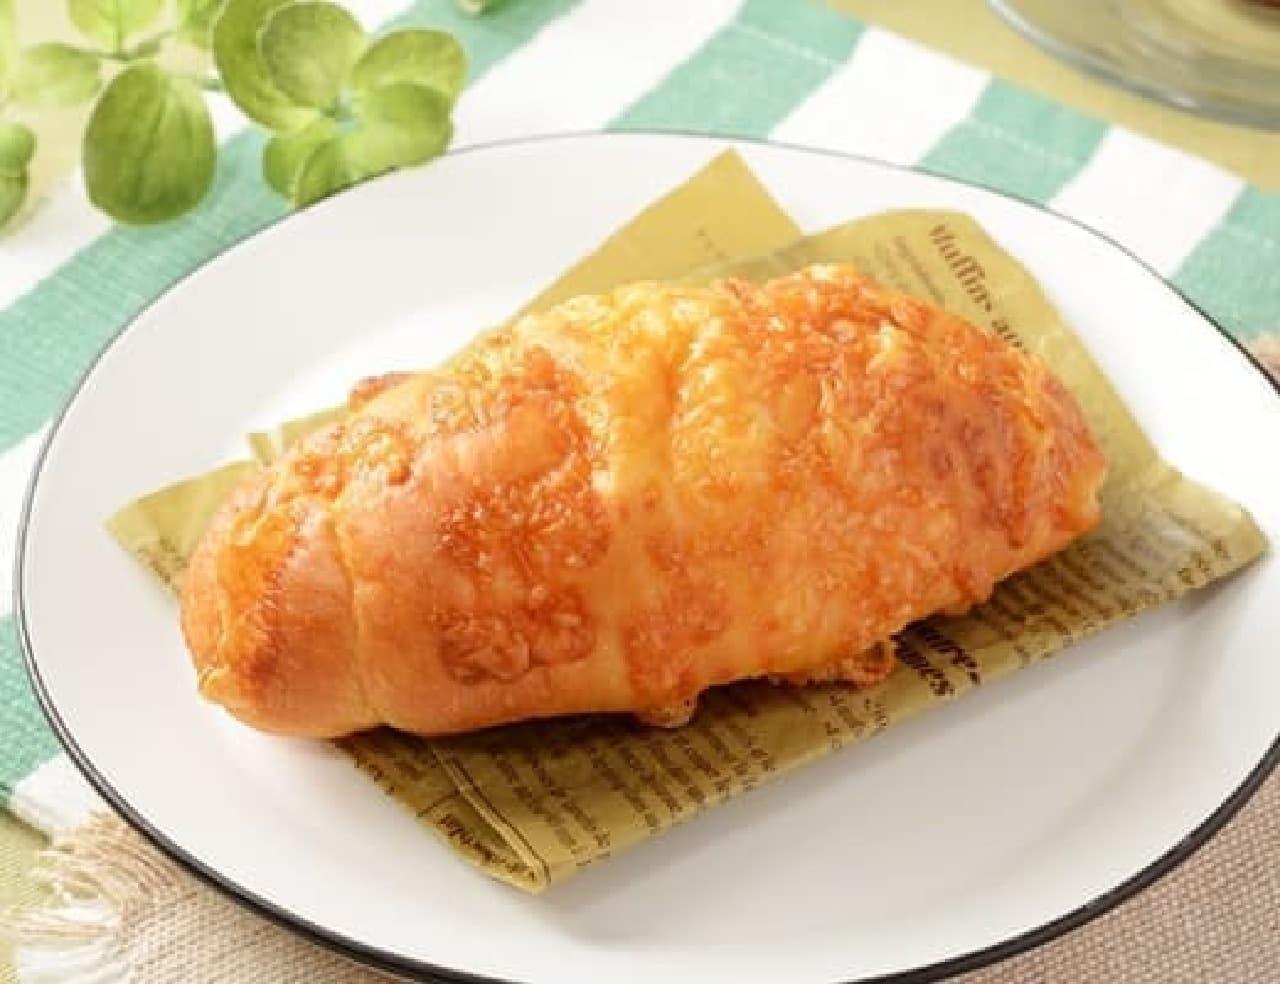 ローソン「マチノパン 塩バターパン トリュフオリーブオイル」